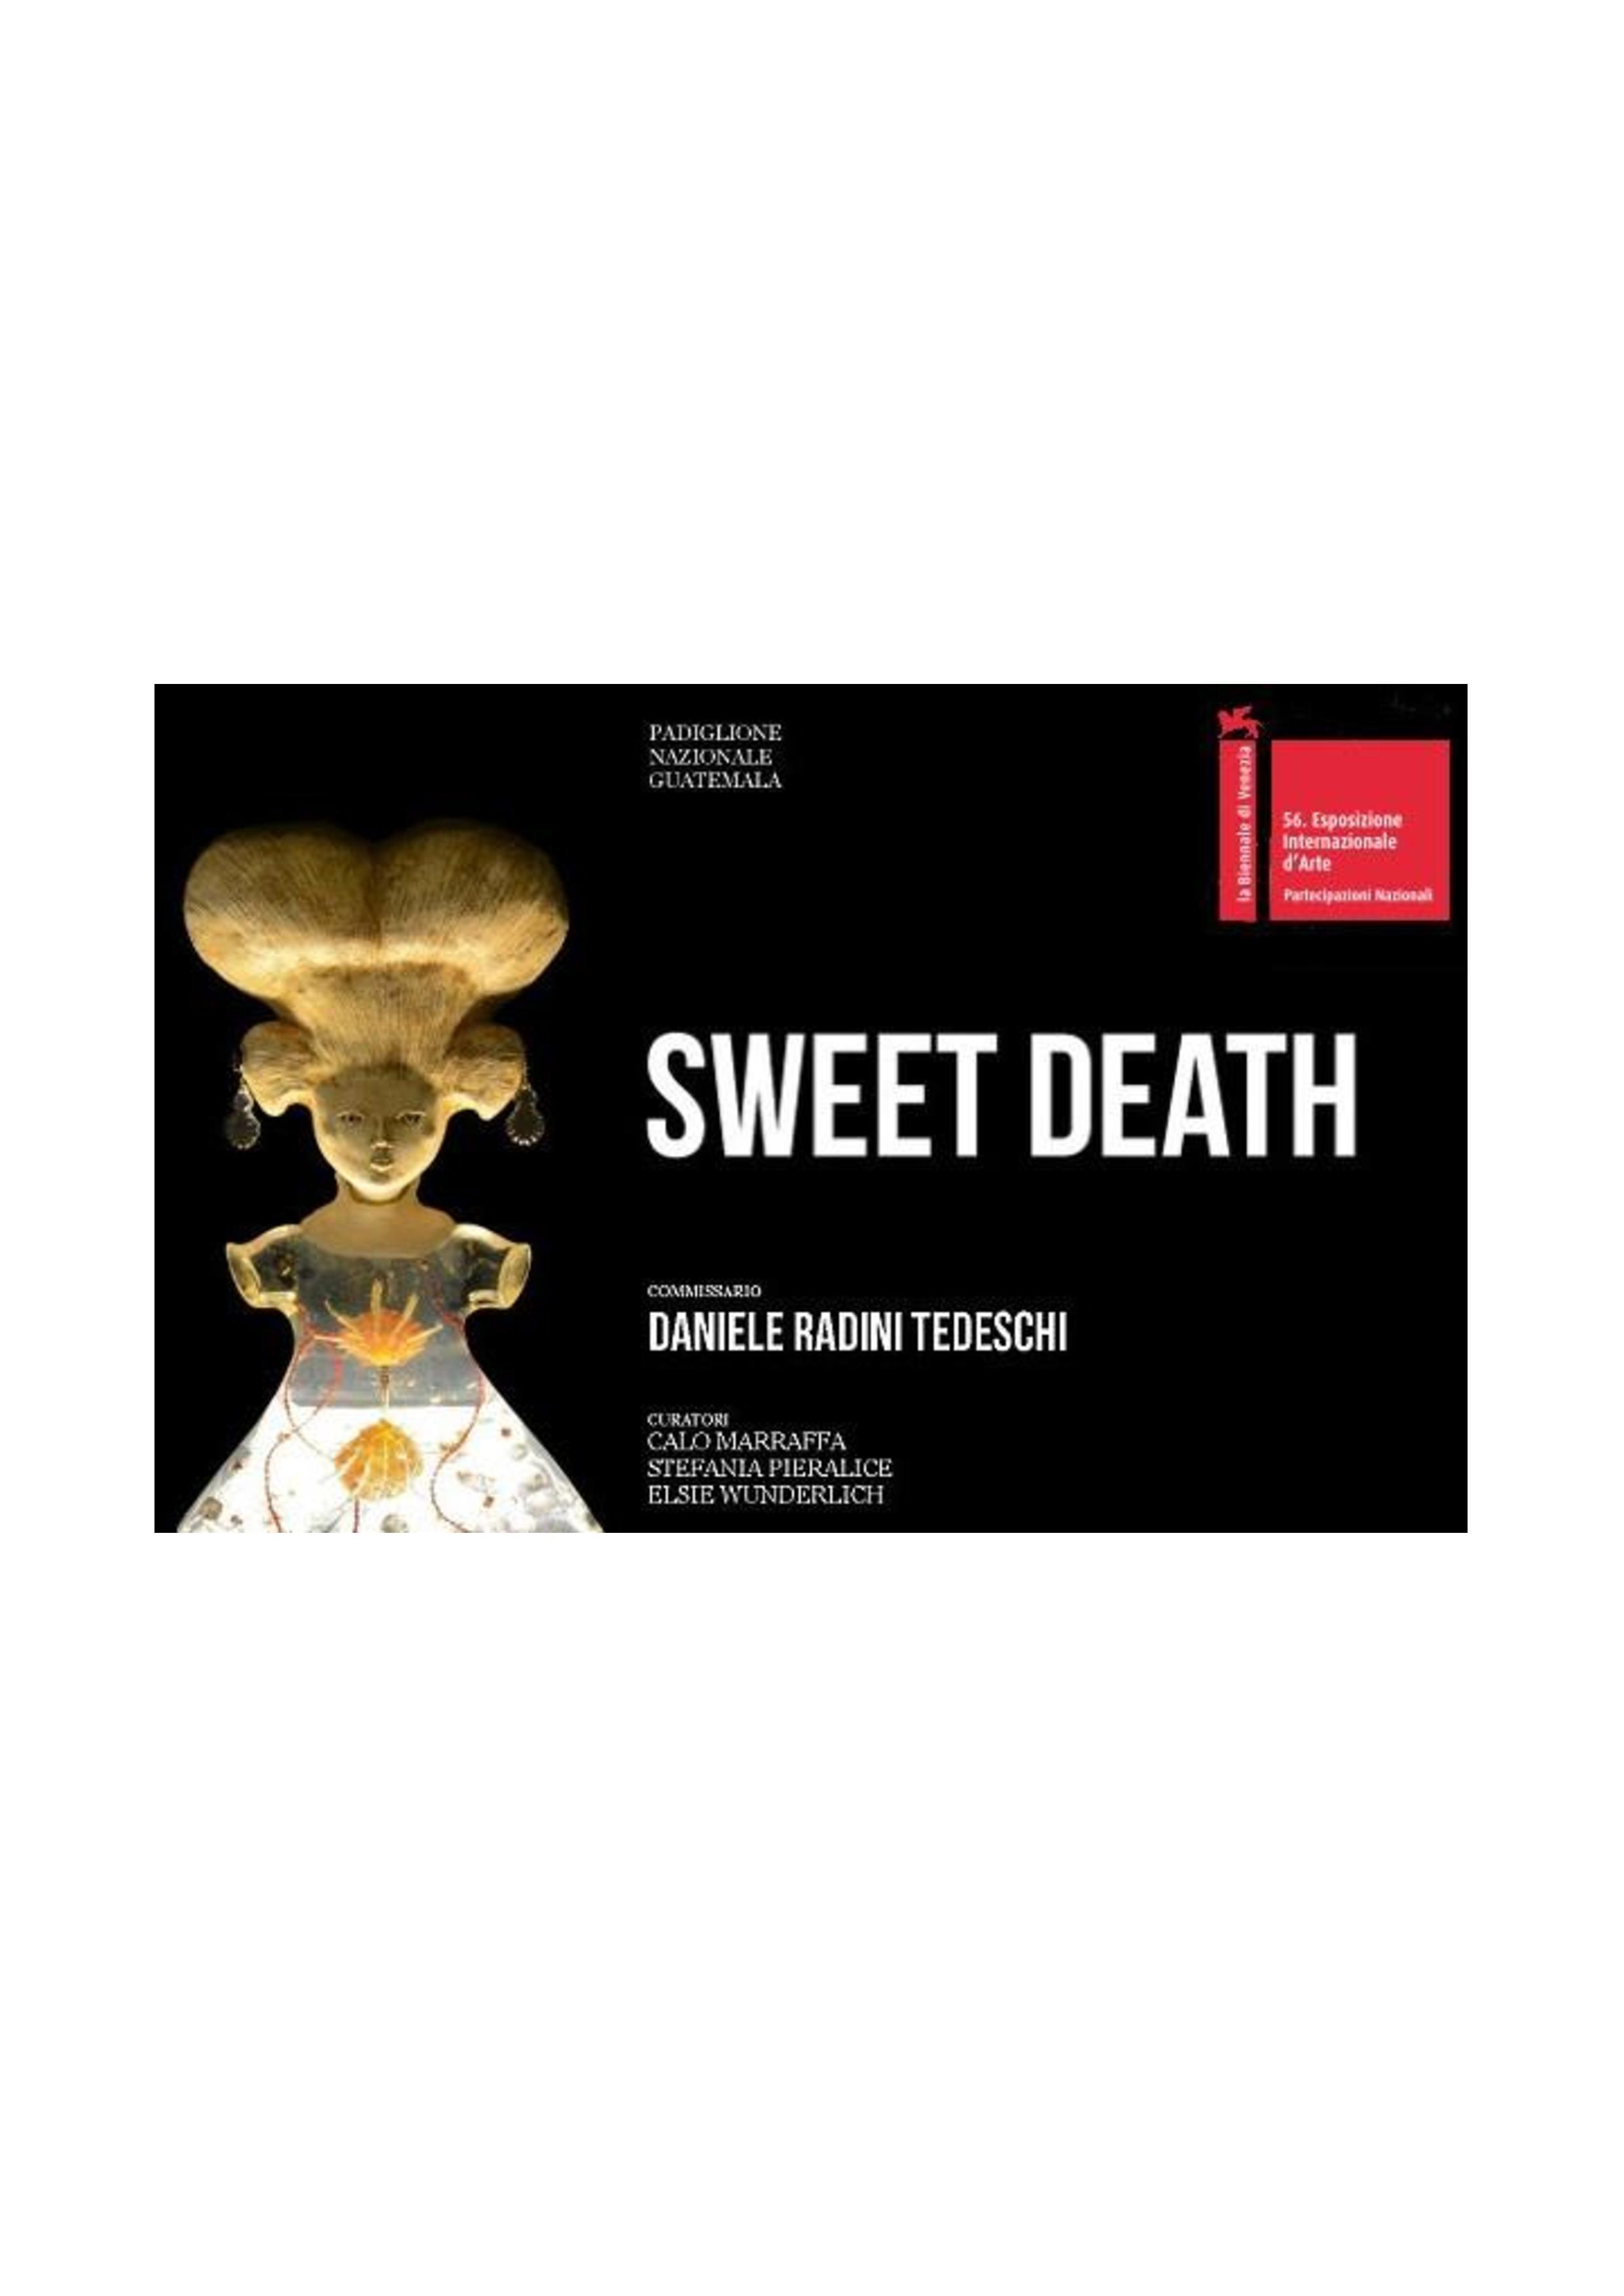 SWEET DEAD (Padiglione Guatemala) 56° edizione della biennale di Venezia